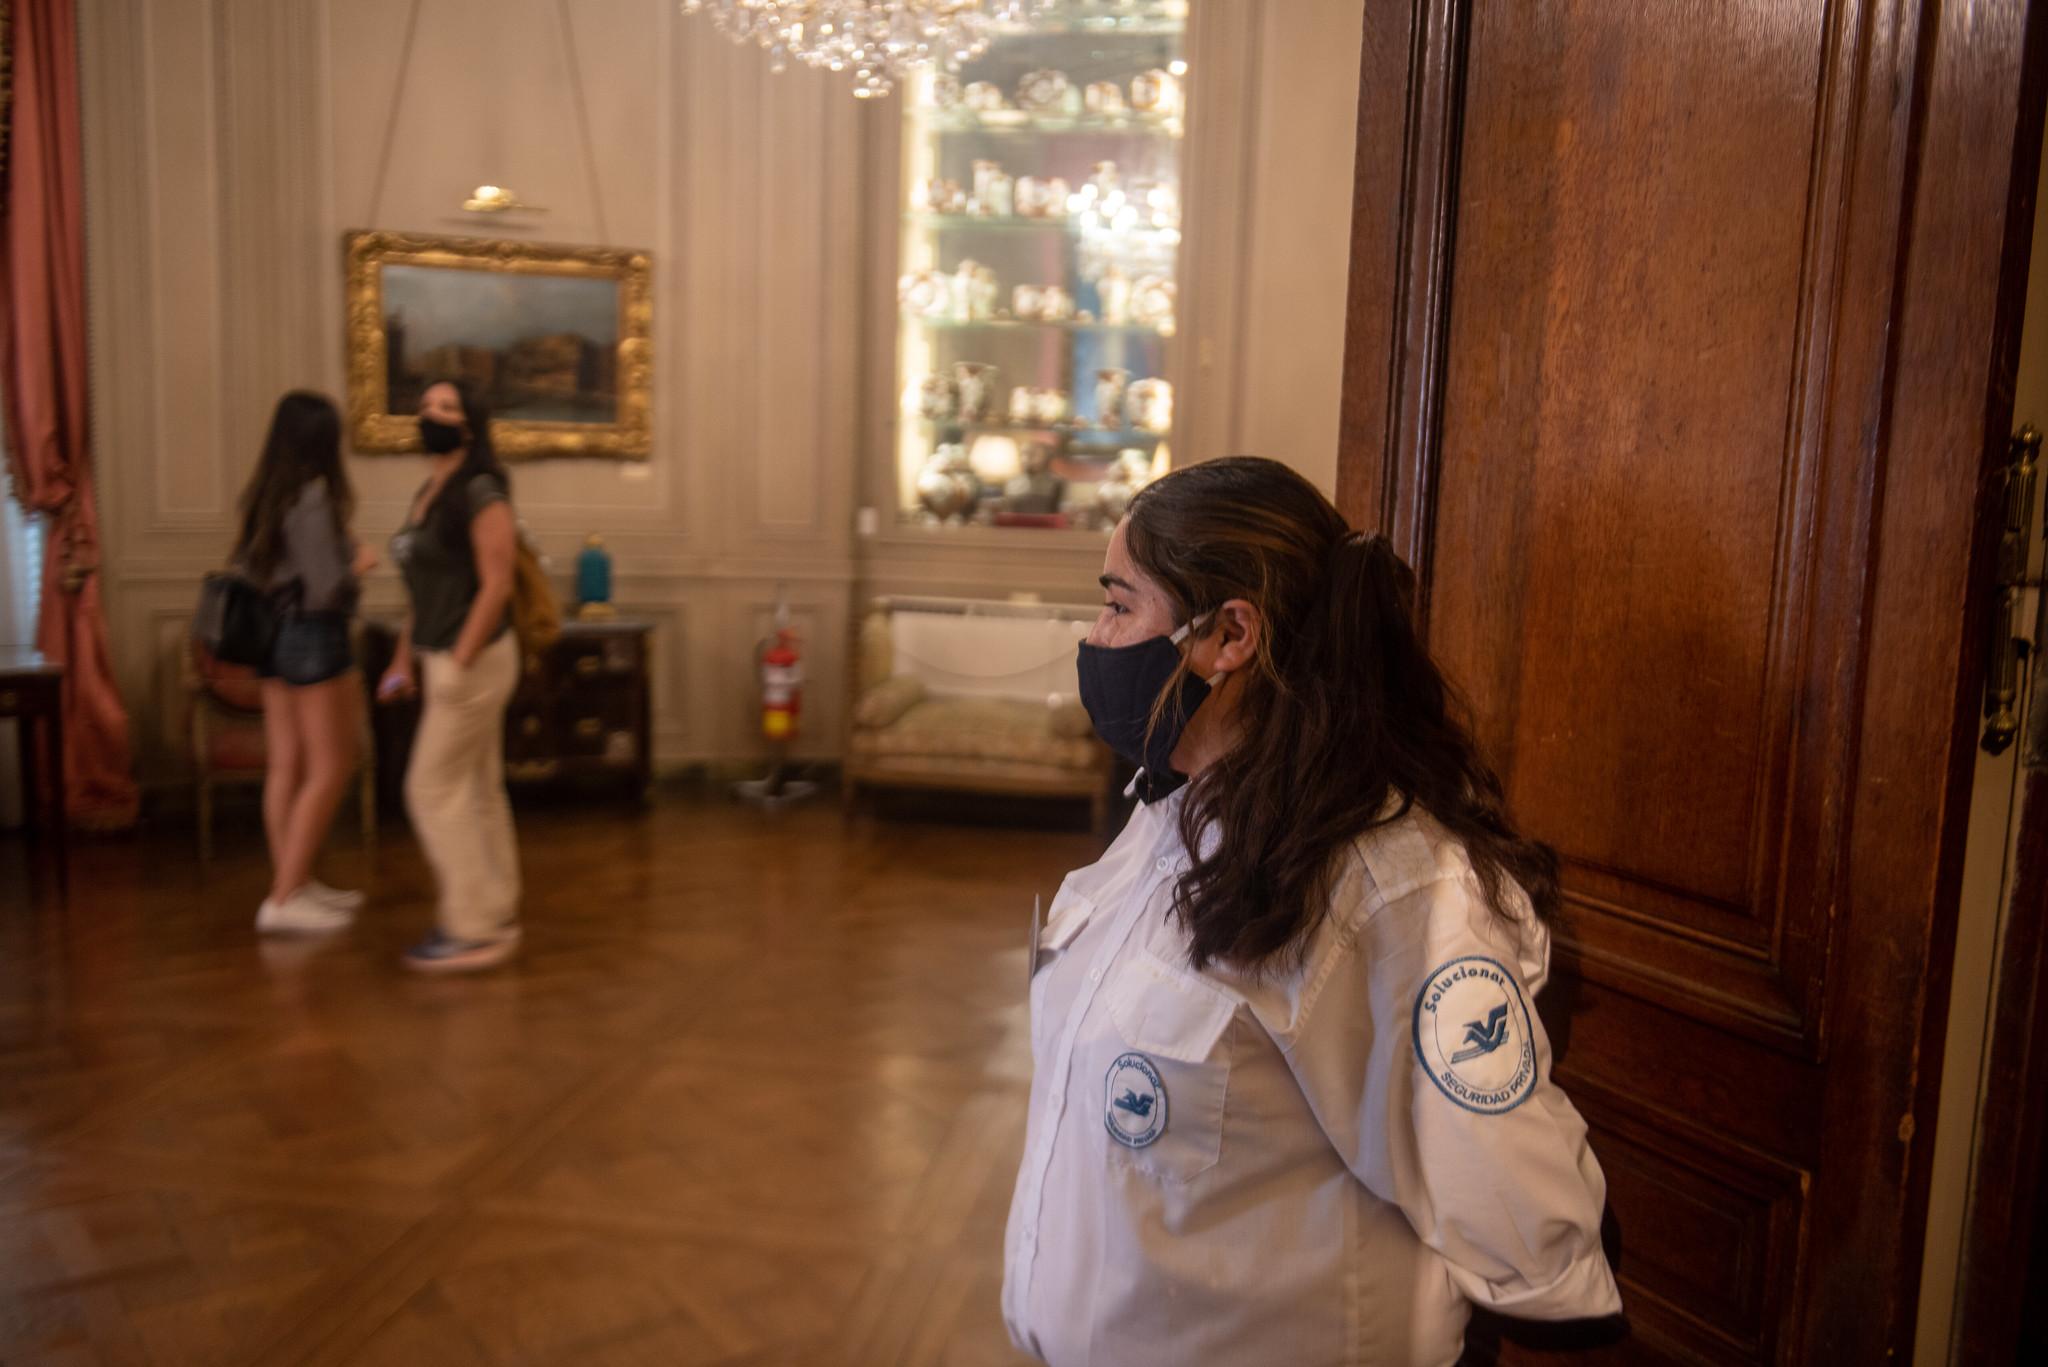 Los empleados de seguridad del lugar controlan que los visitantes cumplan con los requisitos sanitarios (Ministerio de Cultura)